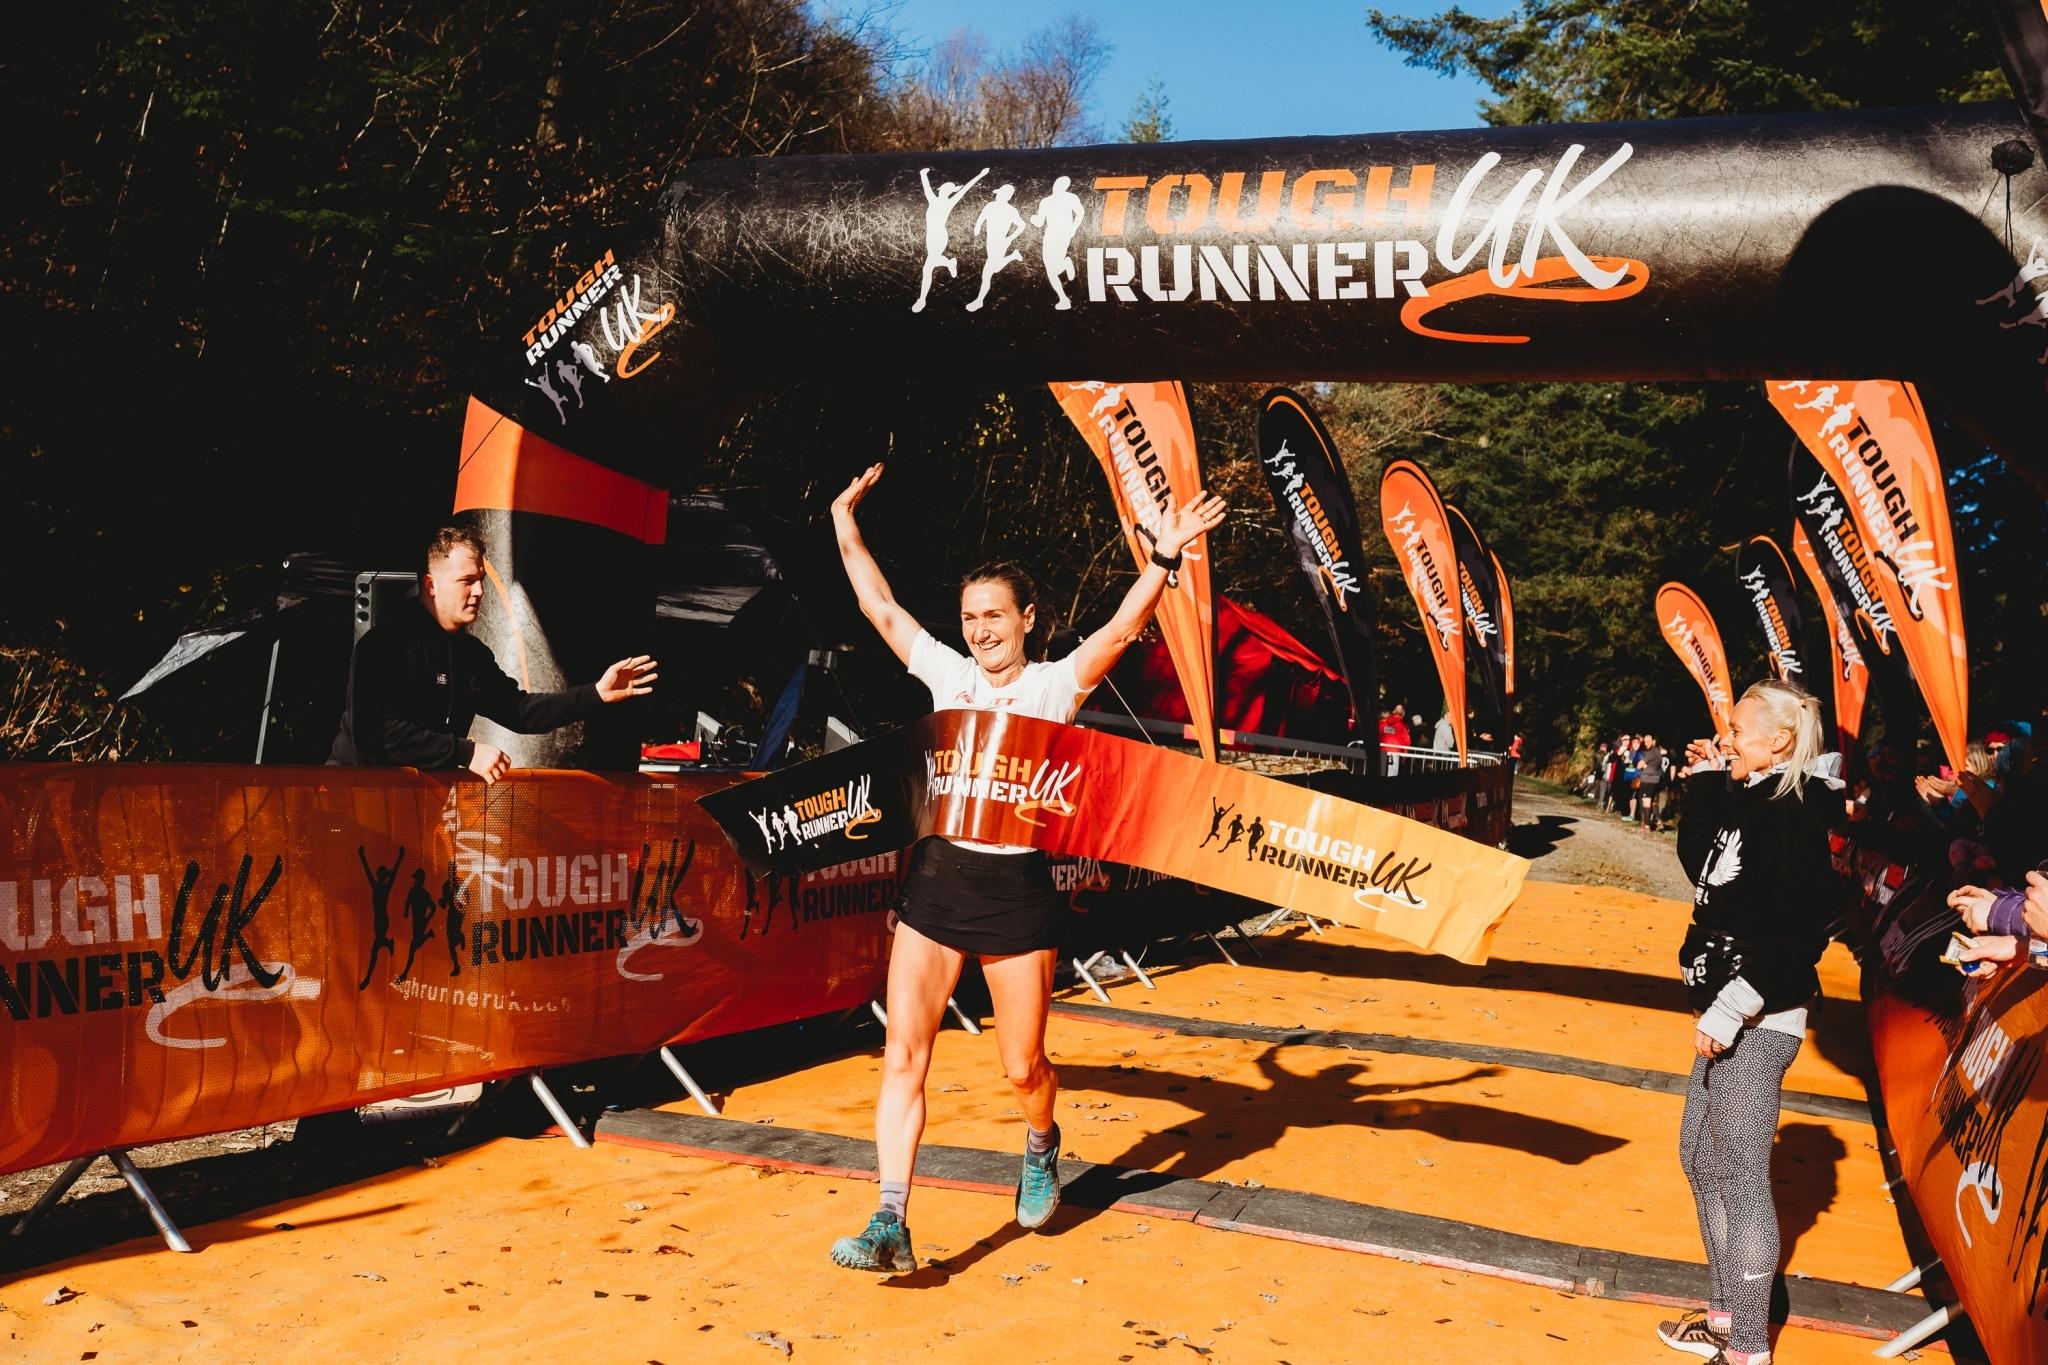 tough-runner-uk-brechfa-leeshawilliamsphoto-209.jpg